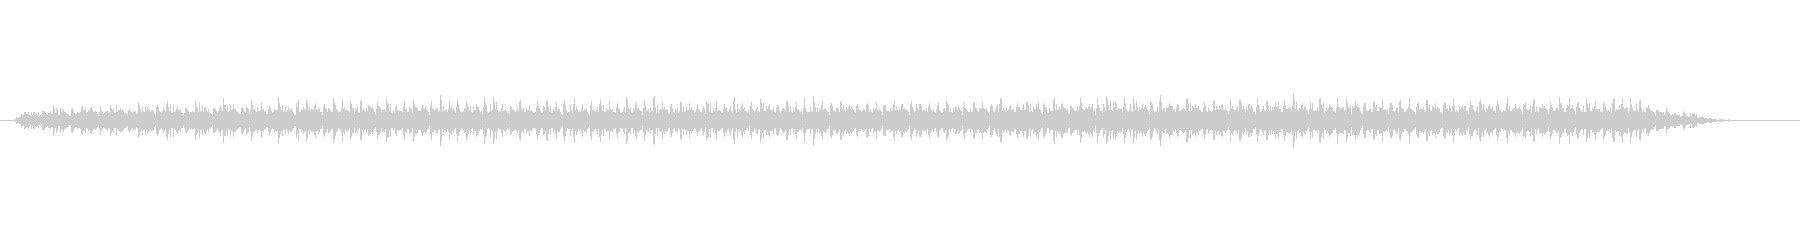 コンピュータープリンターの未再生の波形